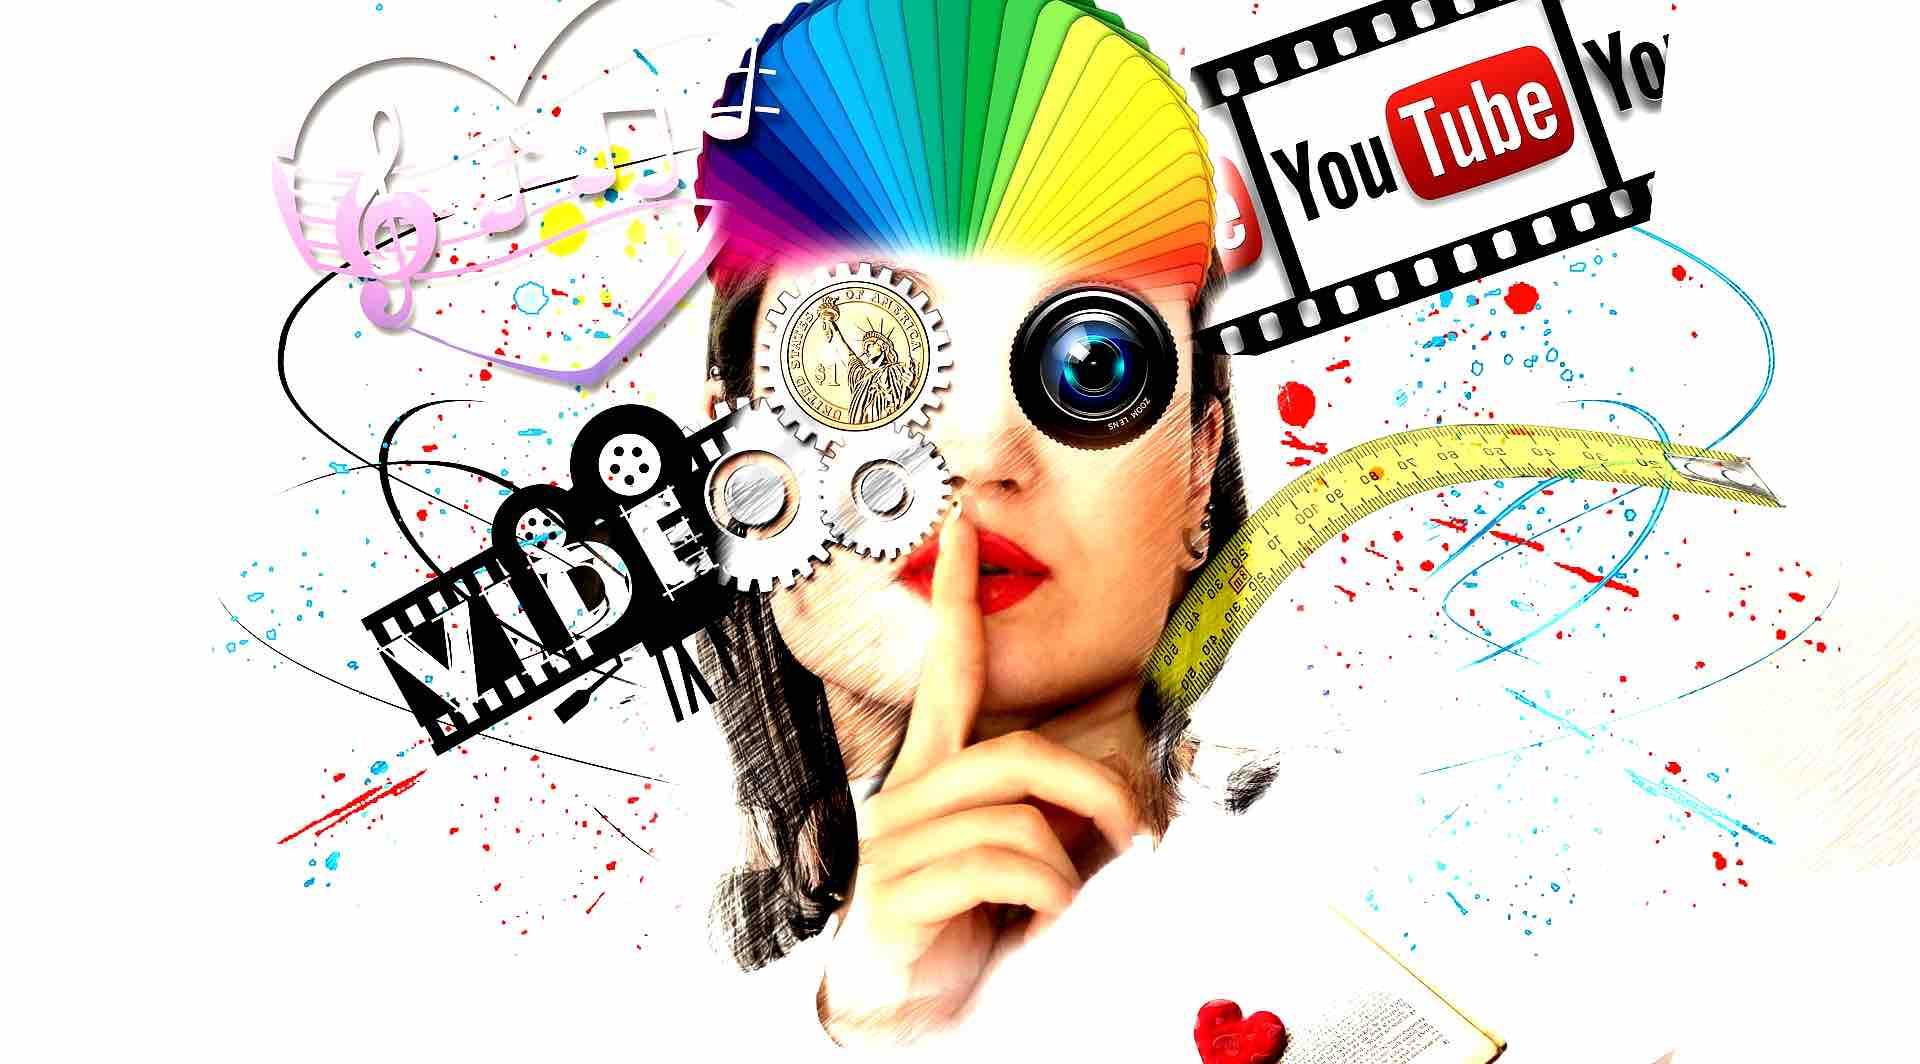 Specializzazione per YouTubers 2018-19 – Social video: diventare youtuber, tecniche di video comunicazione